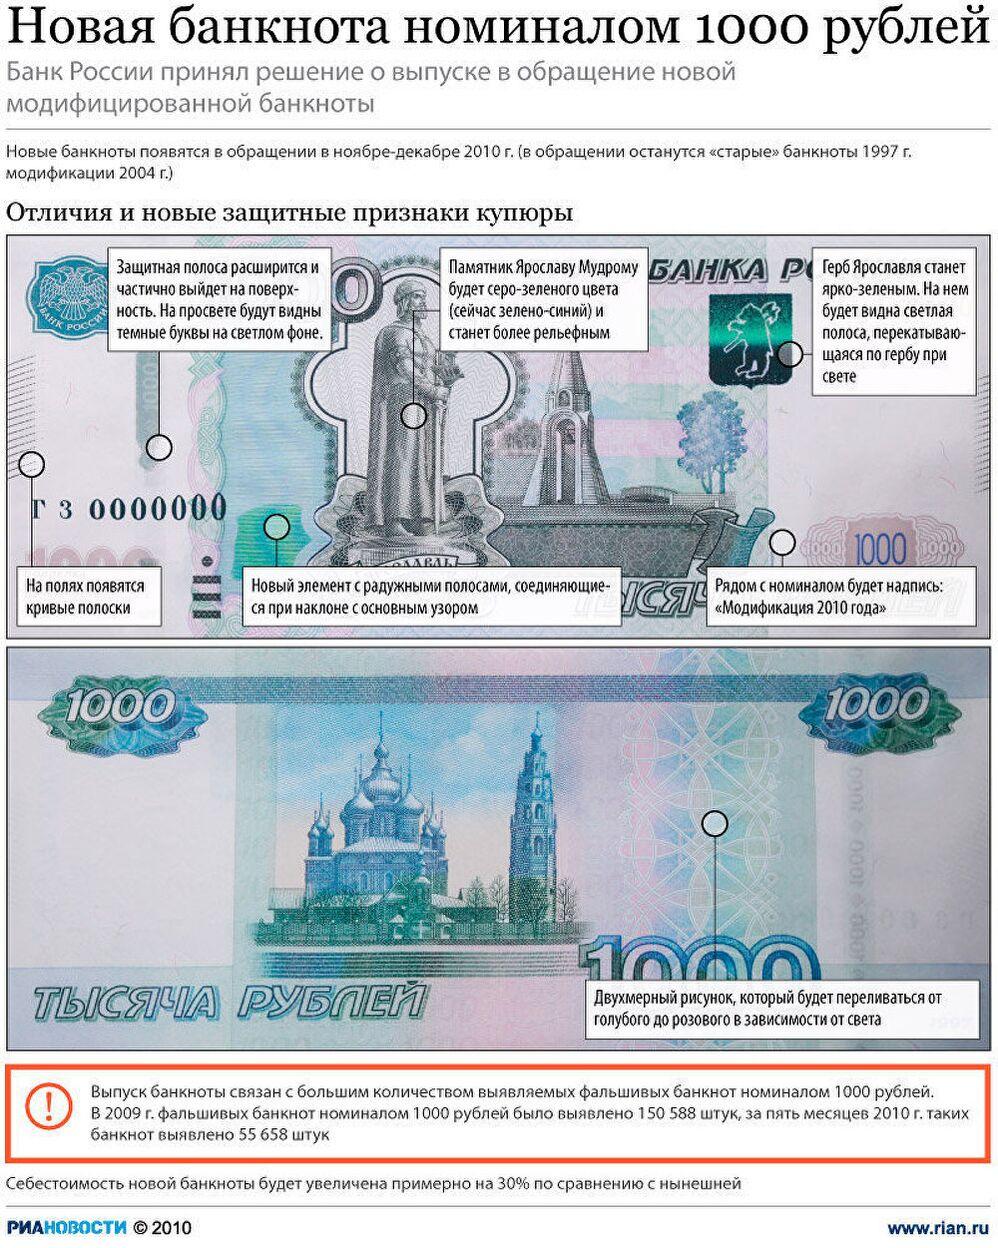 Новая банкнота номиналом 1000 рублей